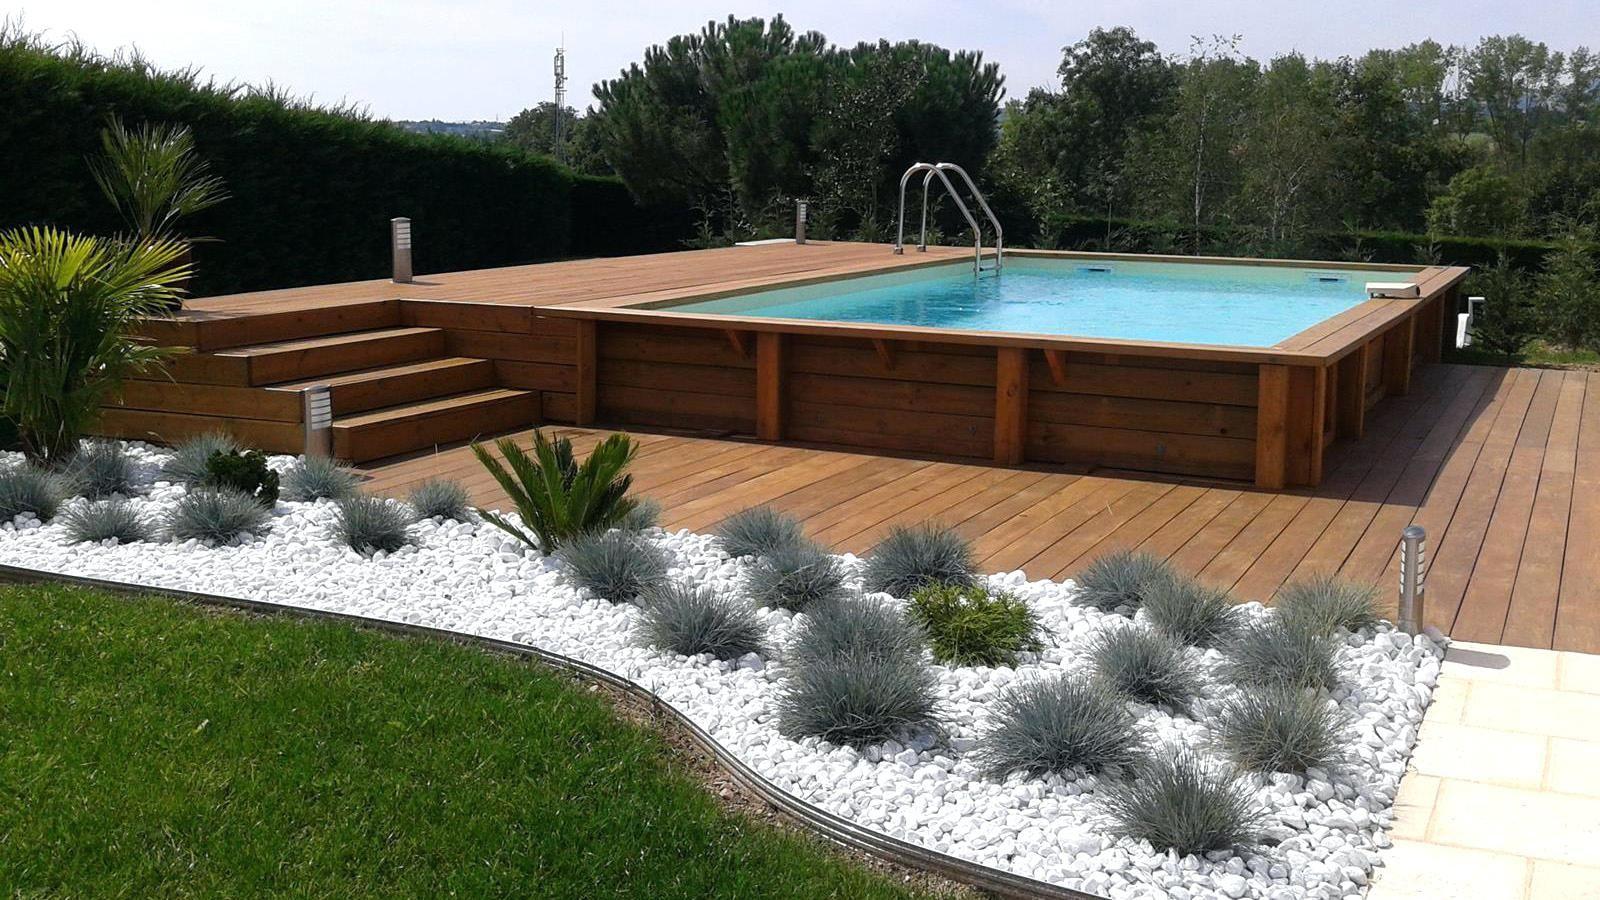 Piscine En Pierre Hors Sol piscine et terrasse bois terrasse bois piscine hors sol et